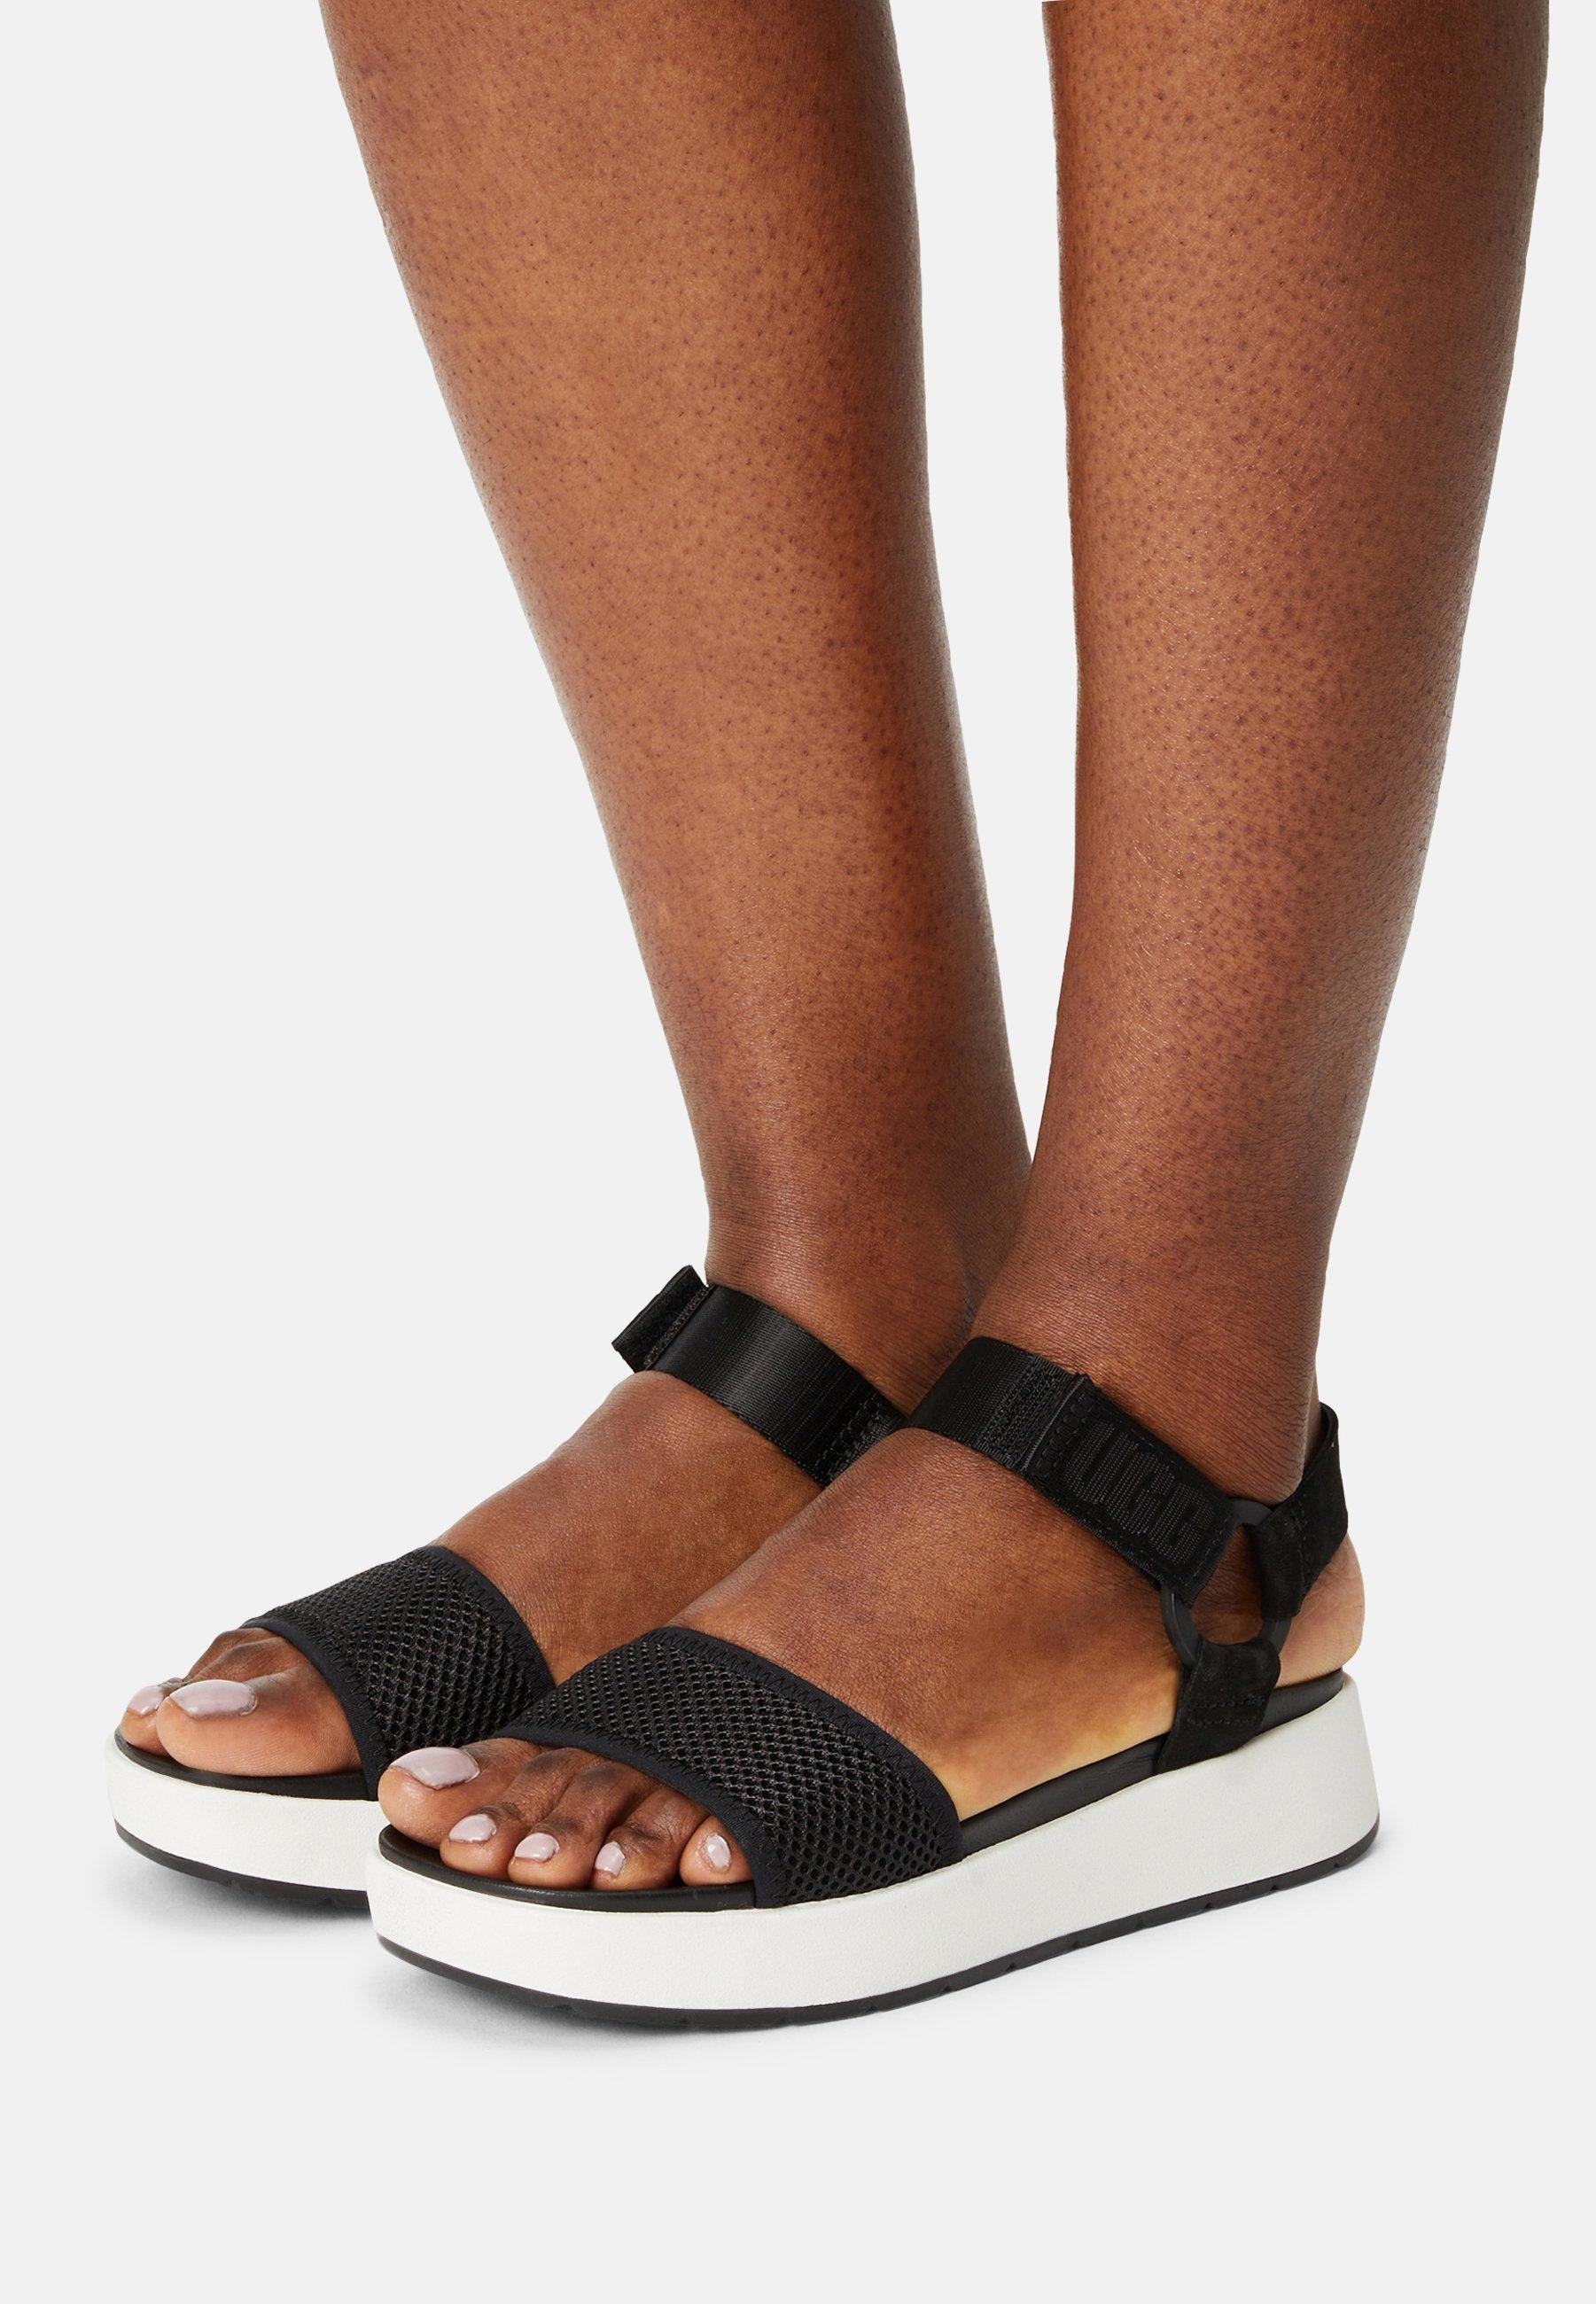 Women AISSA - Platform sandals - black